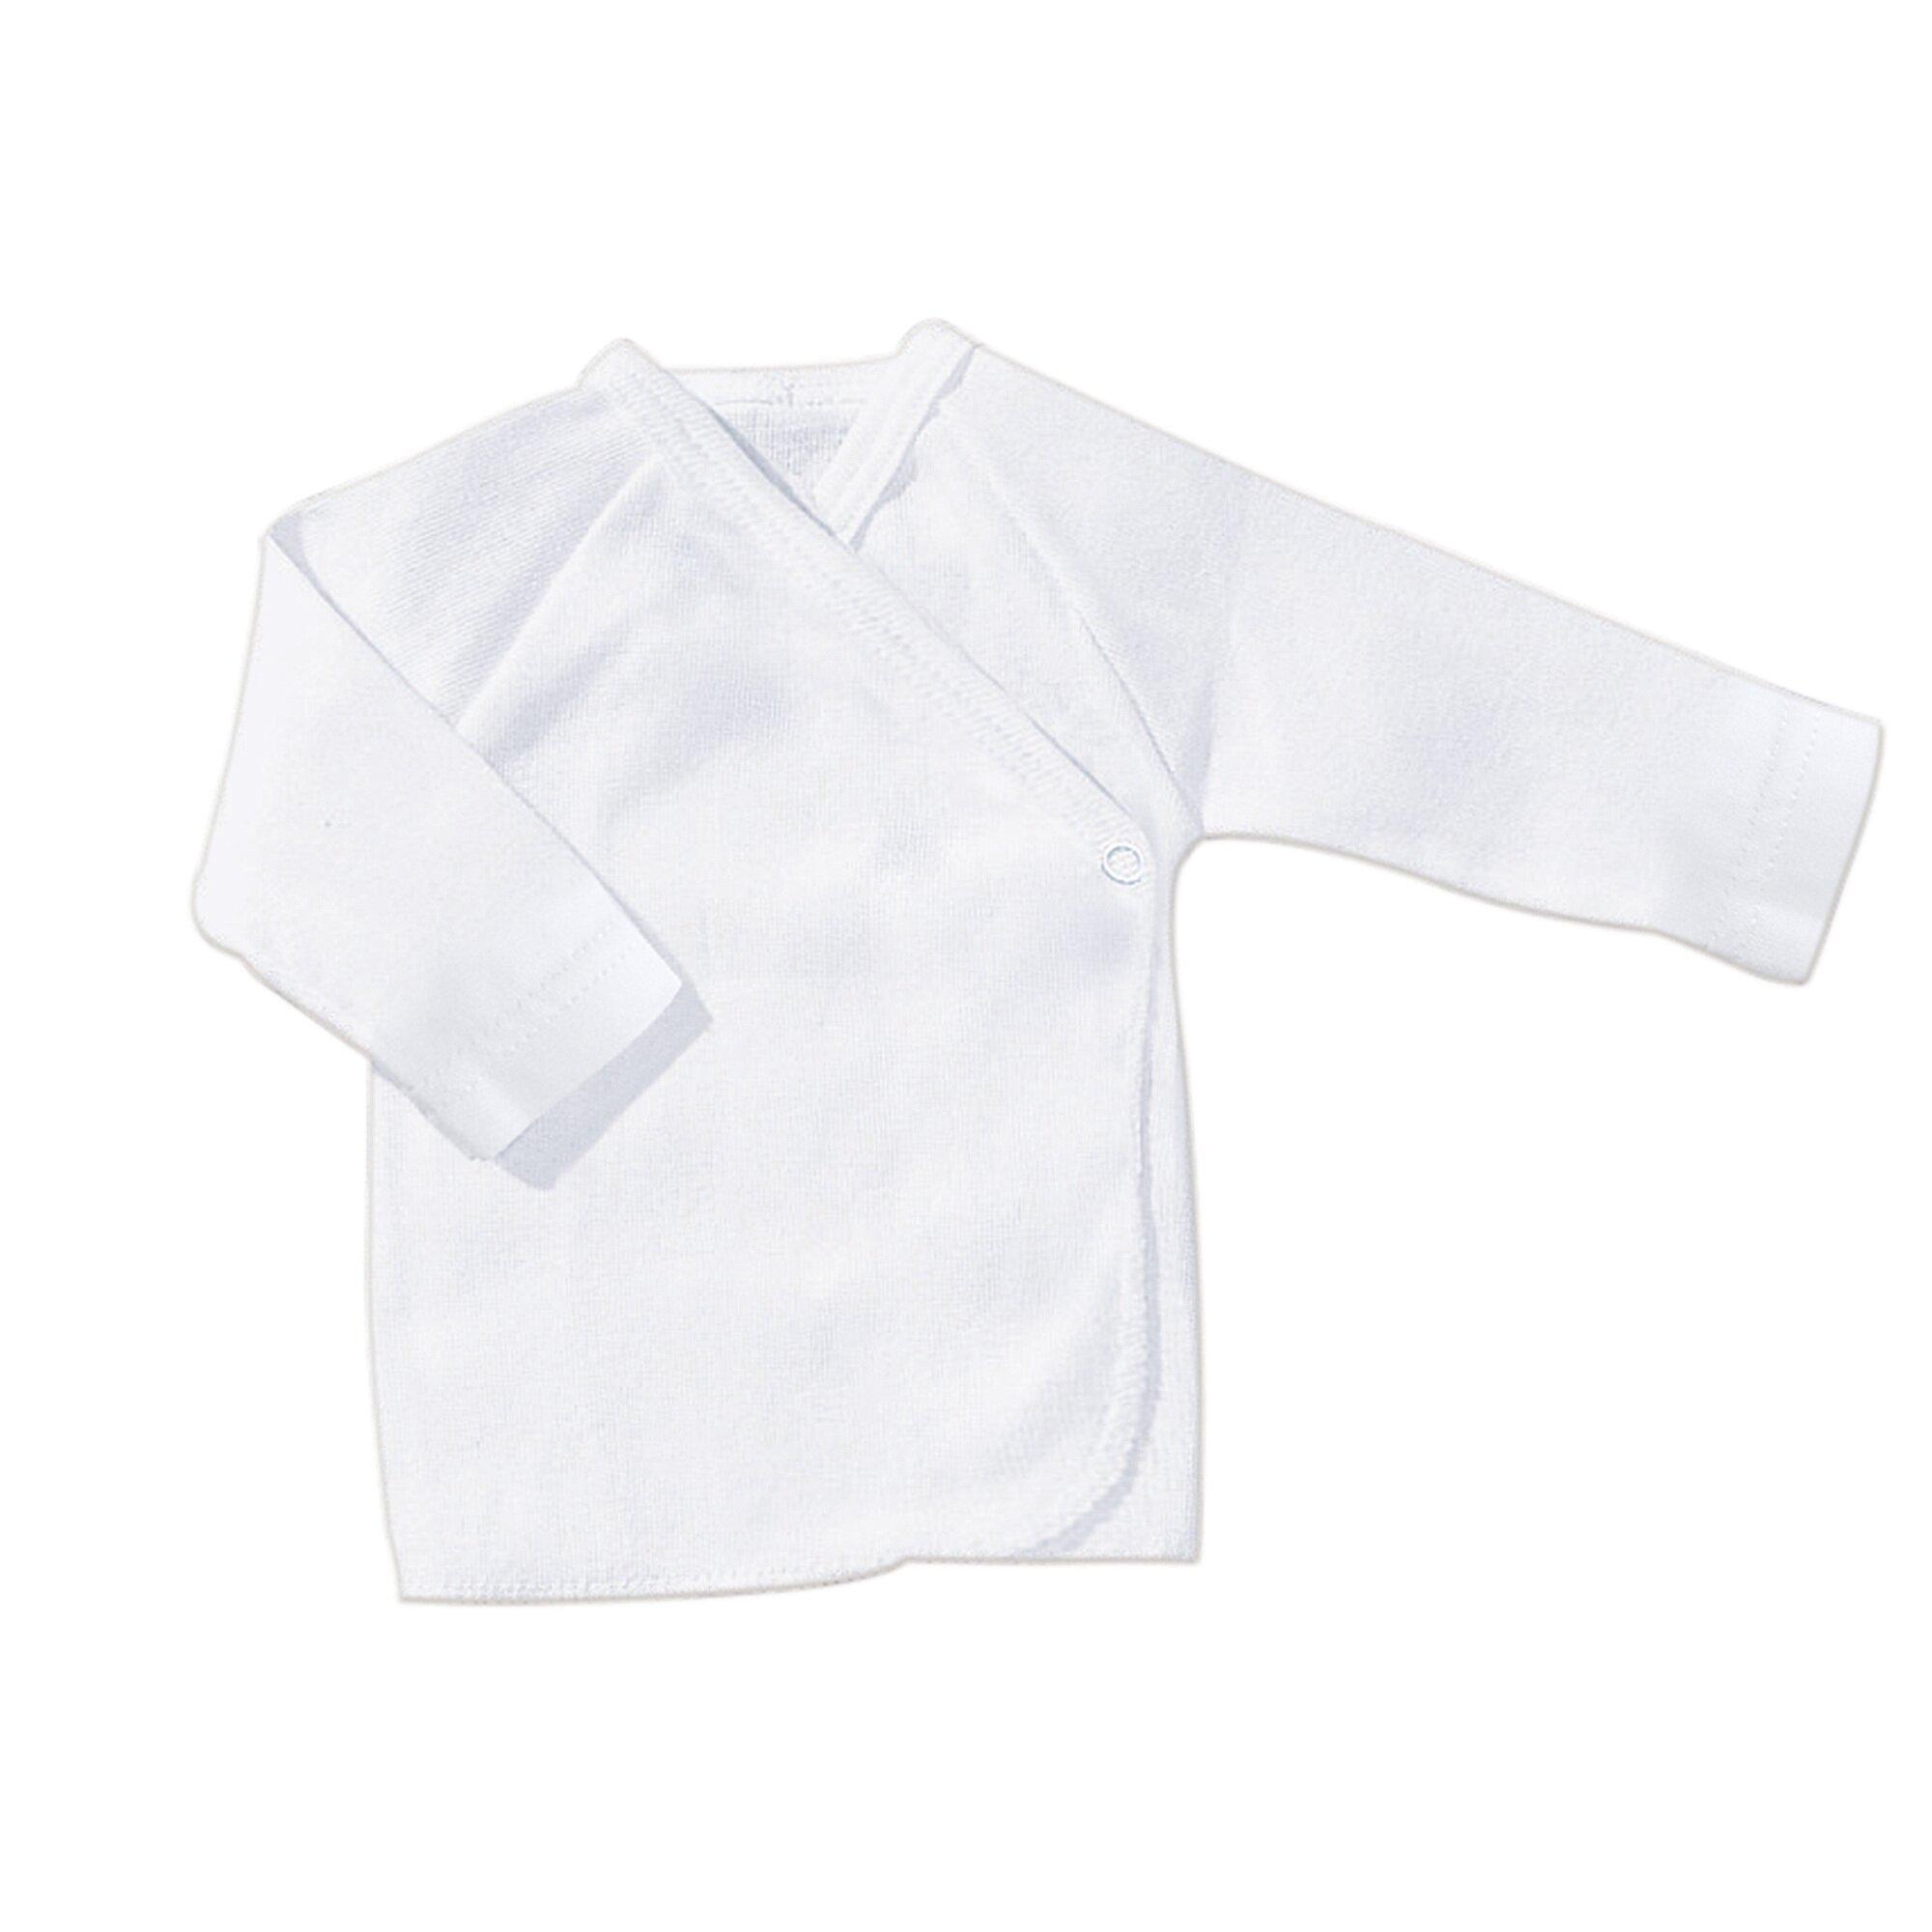 Basics Raglan-Flügelhemd langarm